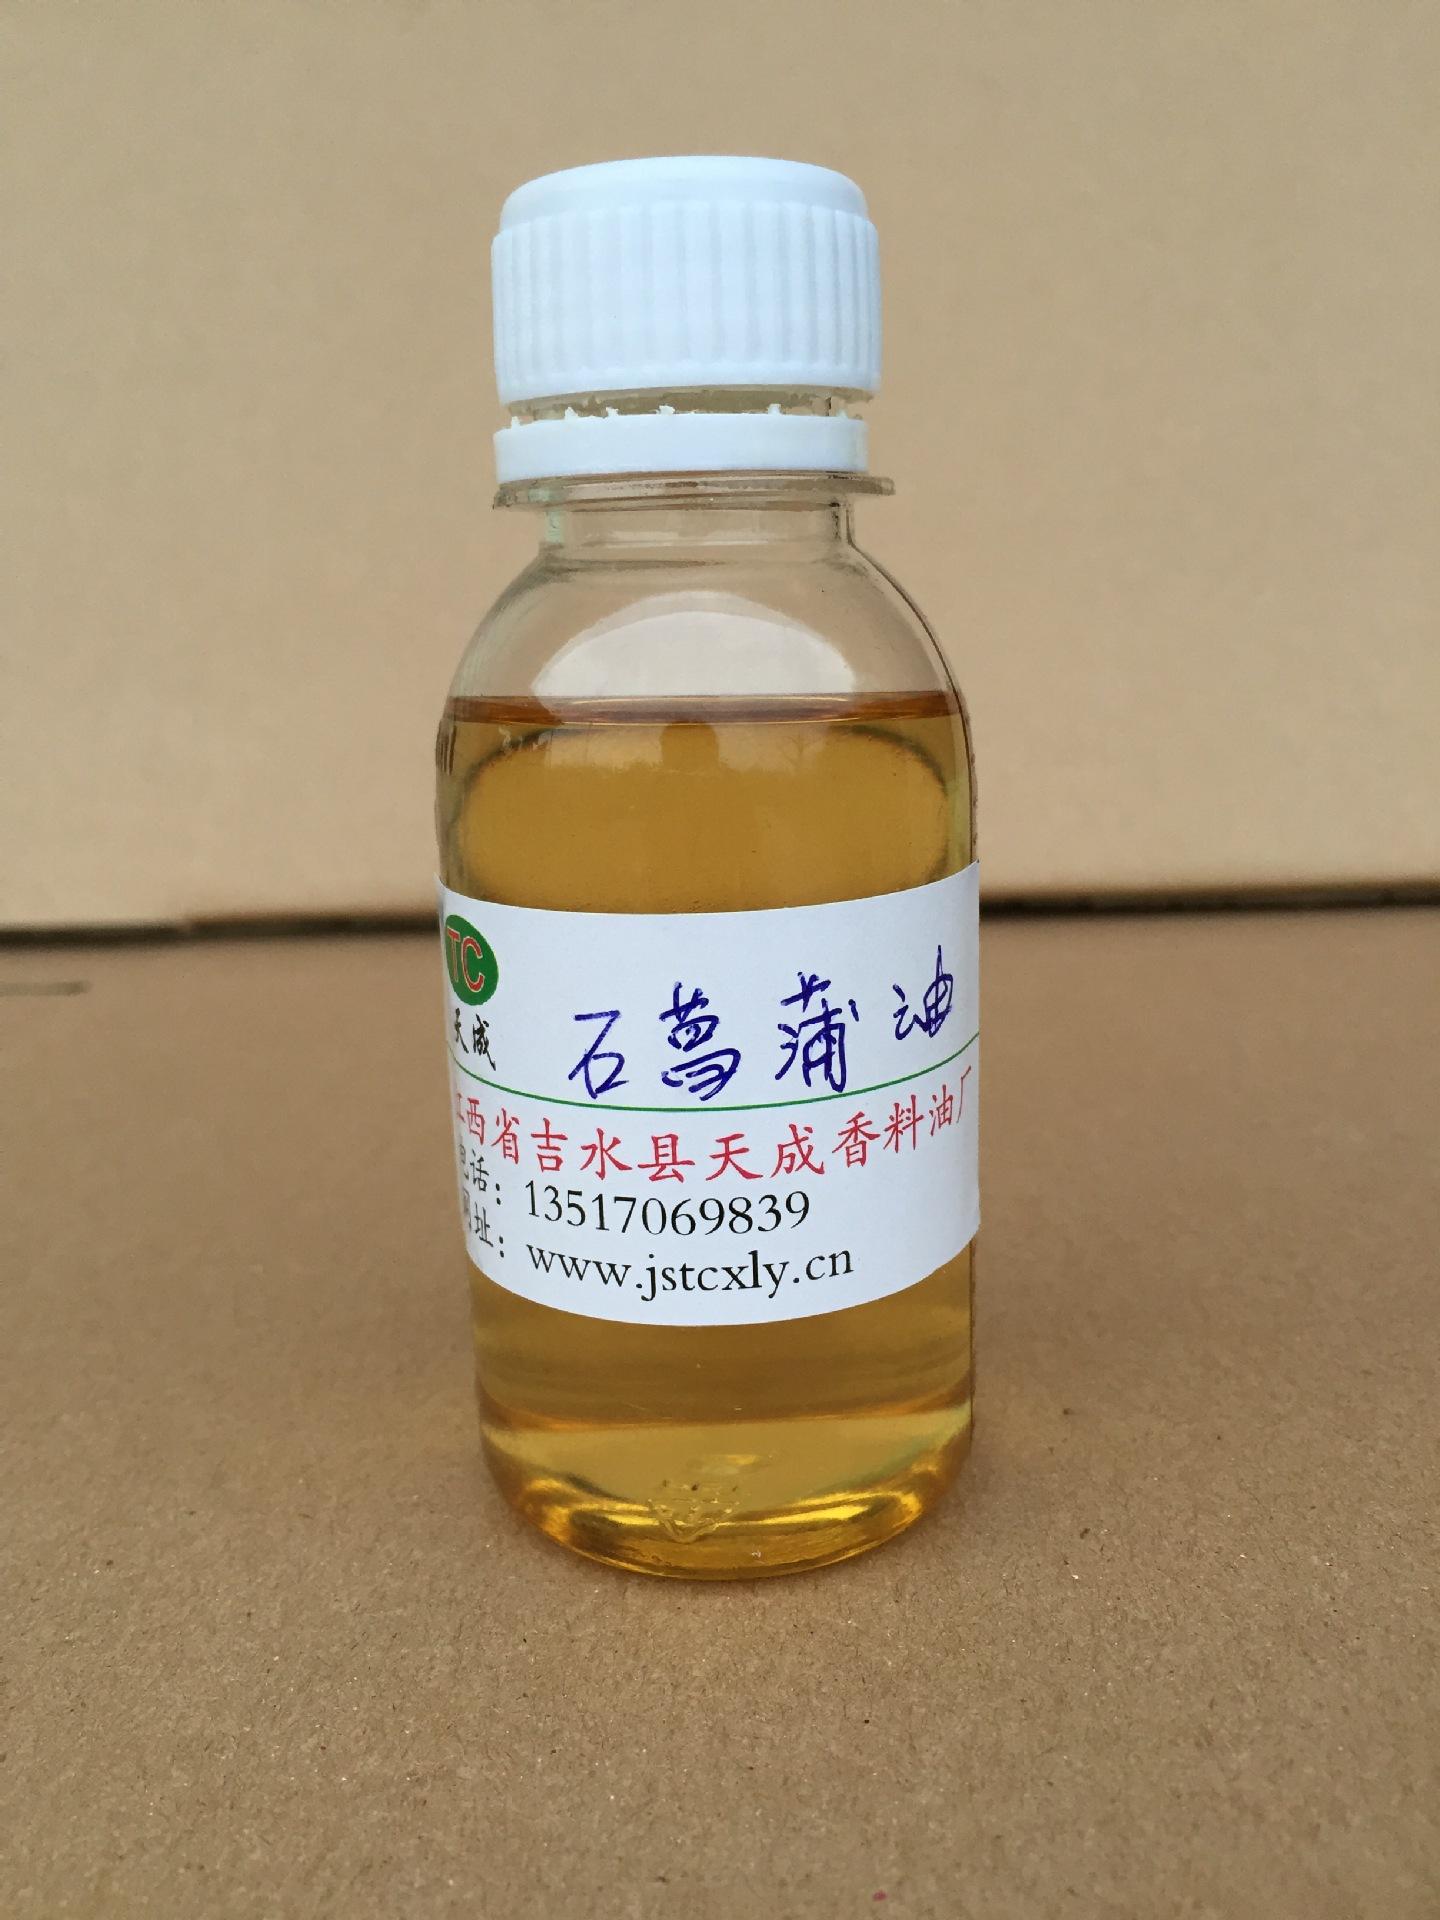 厂家供应菖蒲油 石菖蒲油  石菖蒲精油 植物原料 香料油